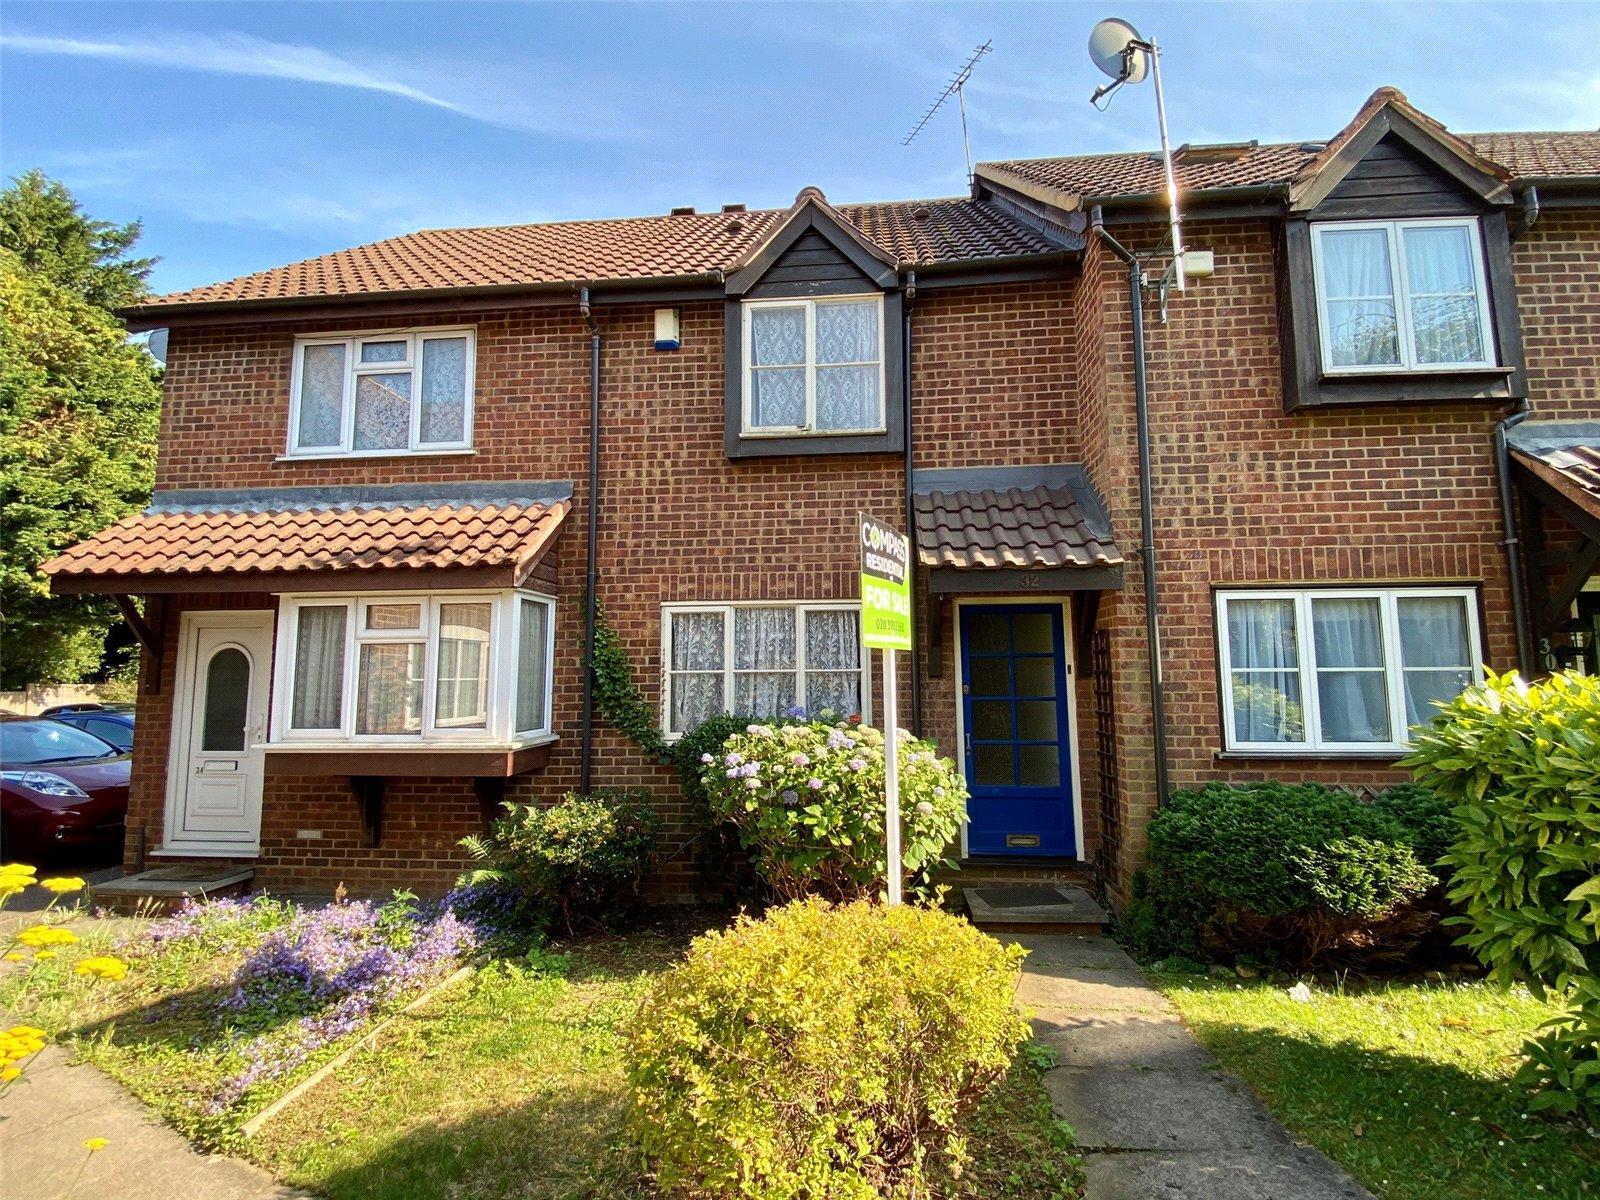 2 bed house for sale in New Barnet, EN5 5JS - Property Image 1